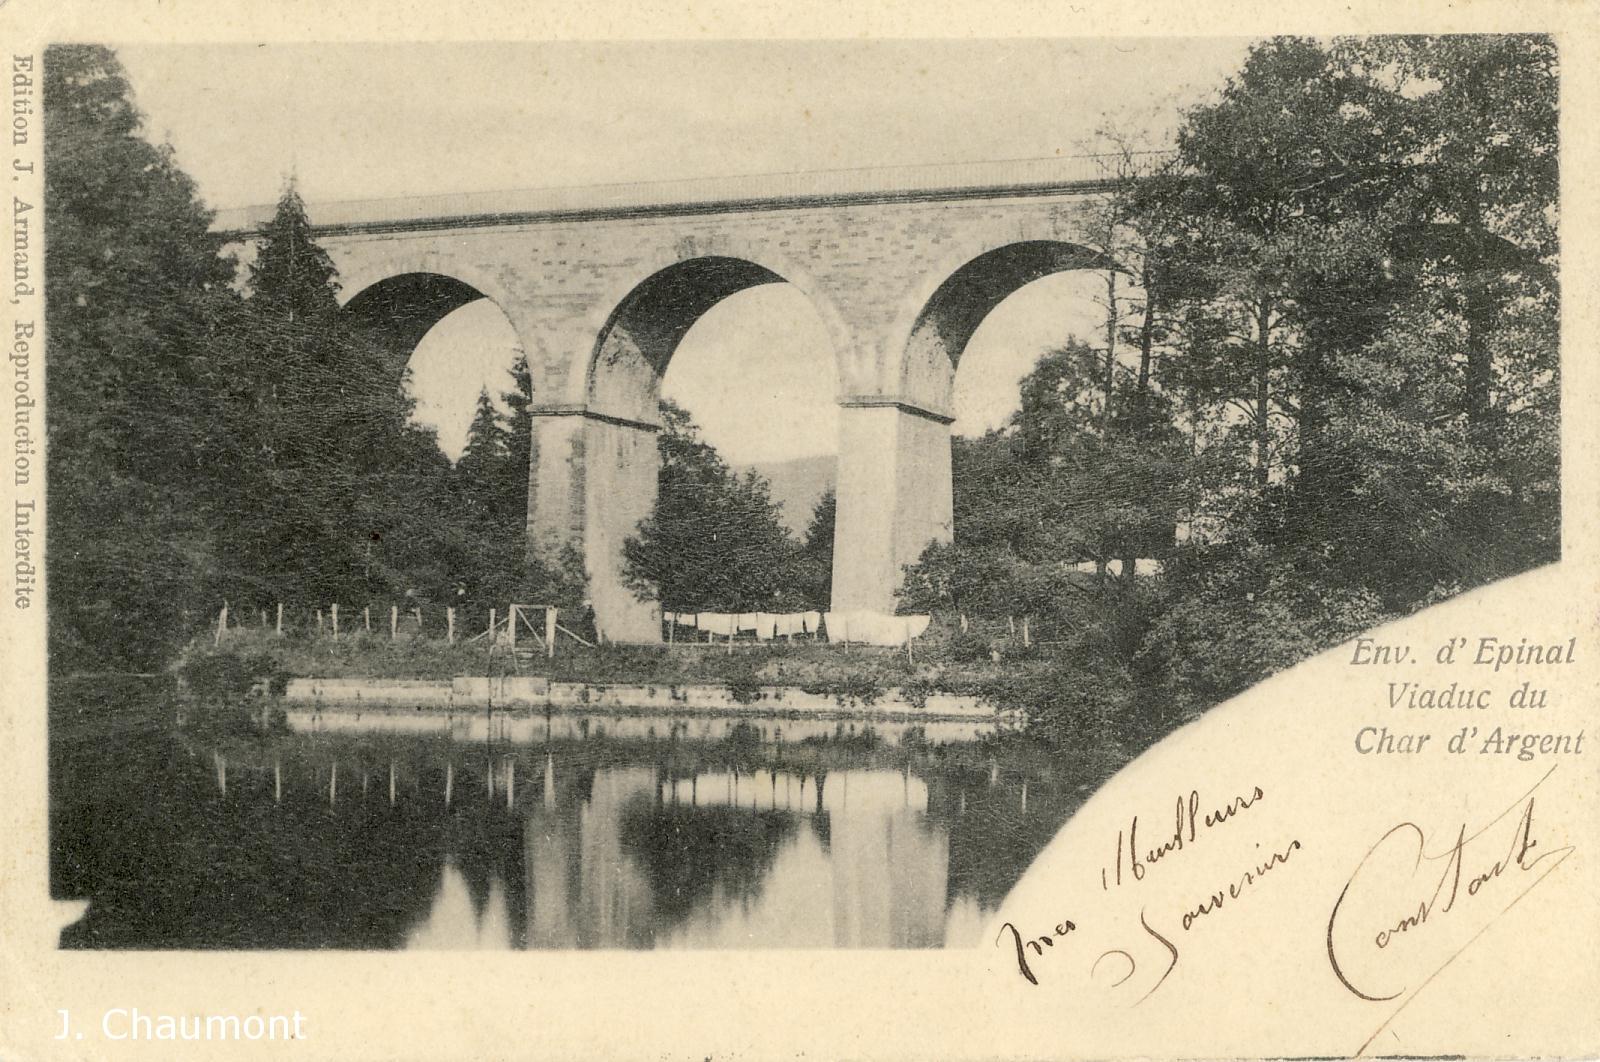 Vue du Viaduc du Char d'Argent en 1903